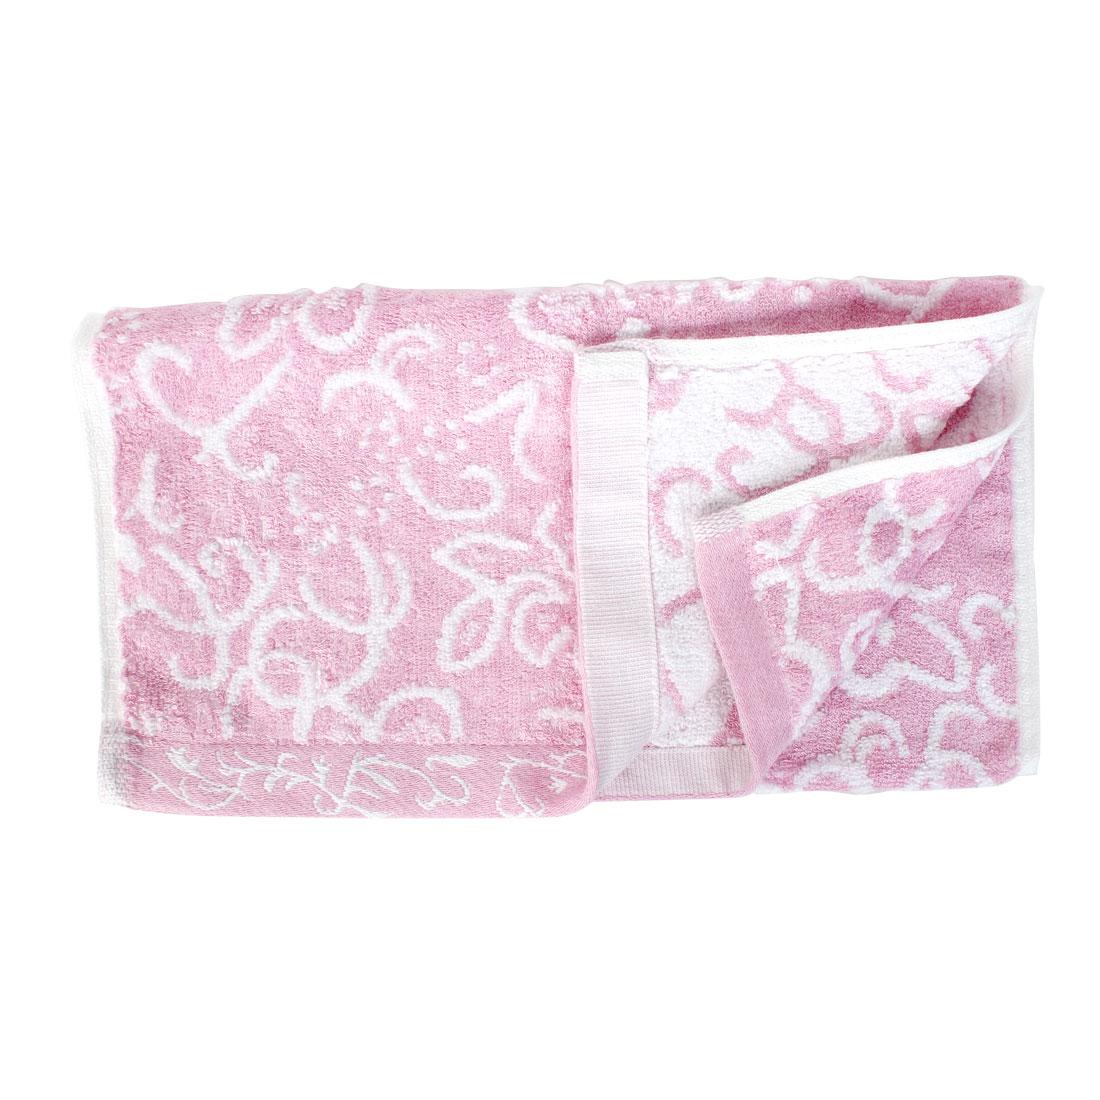 Terrycloth Flower Pattern Bath Towel Washing Cloth 76cm x 34cm Pink